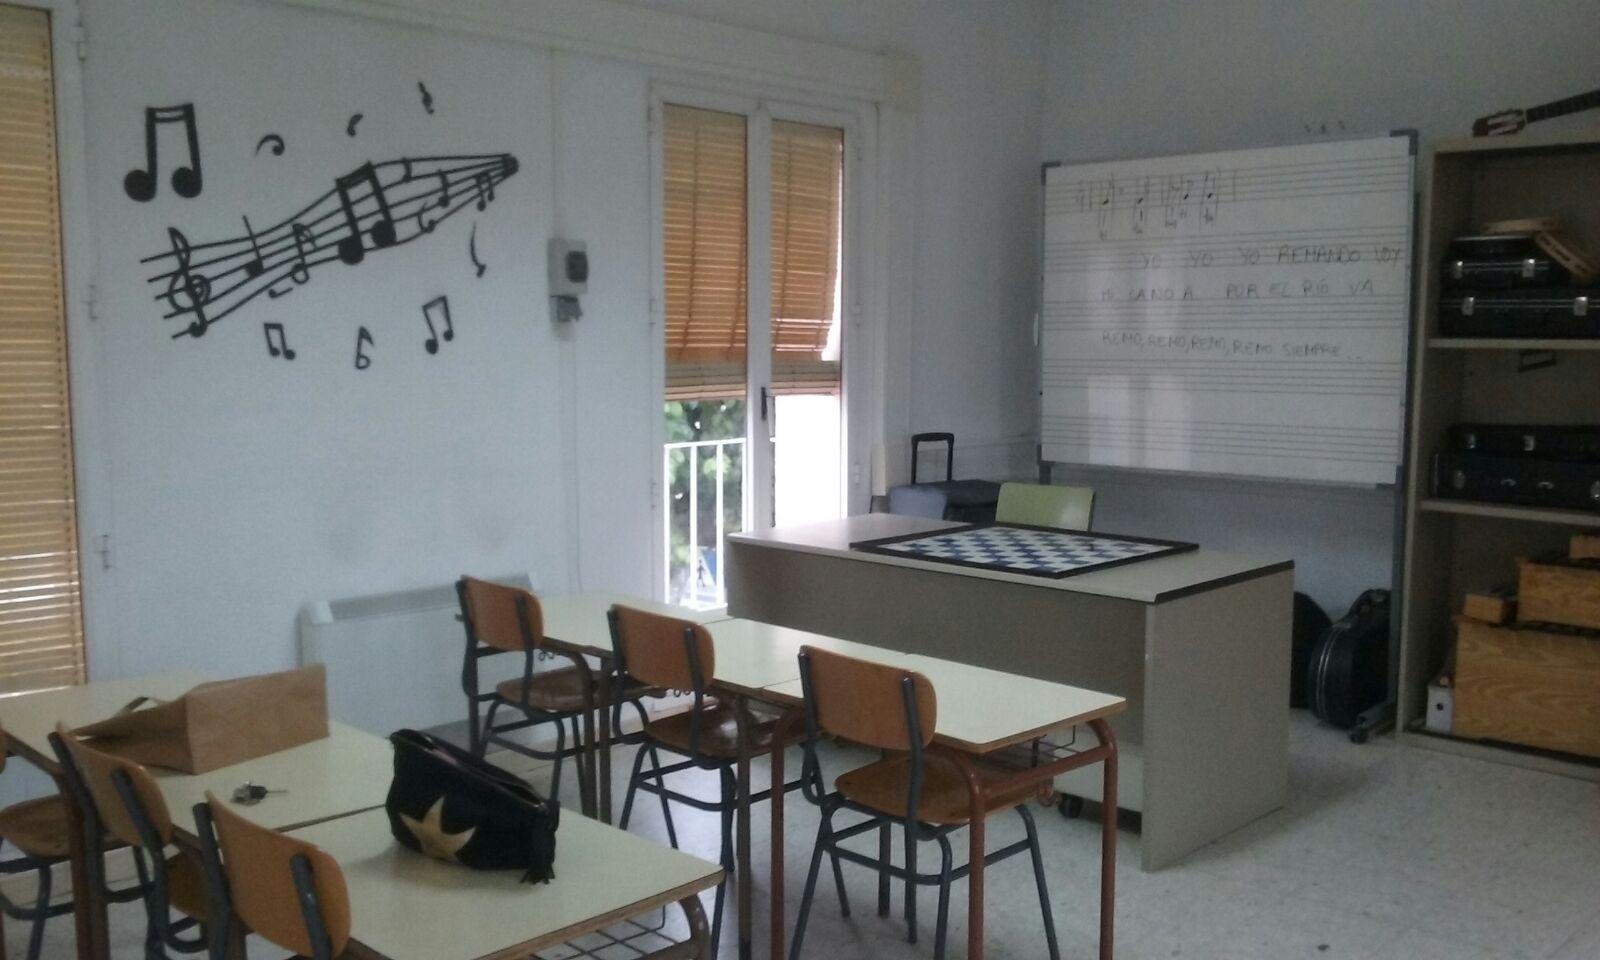 Renovaci n en la decoraci n del aula de la escuela de m sica for Escuela de decoracion